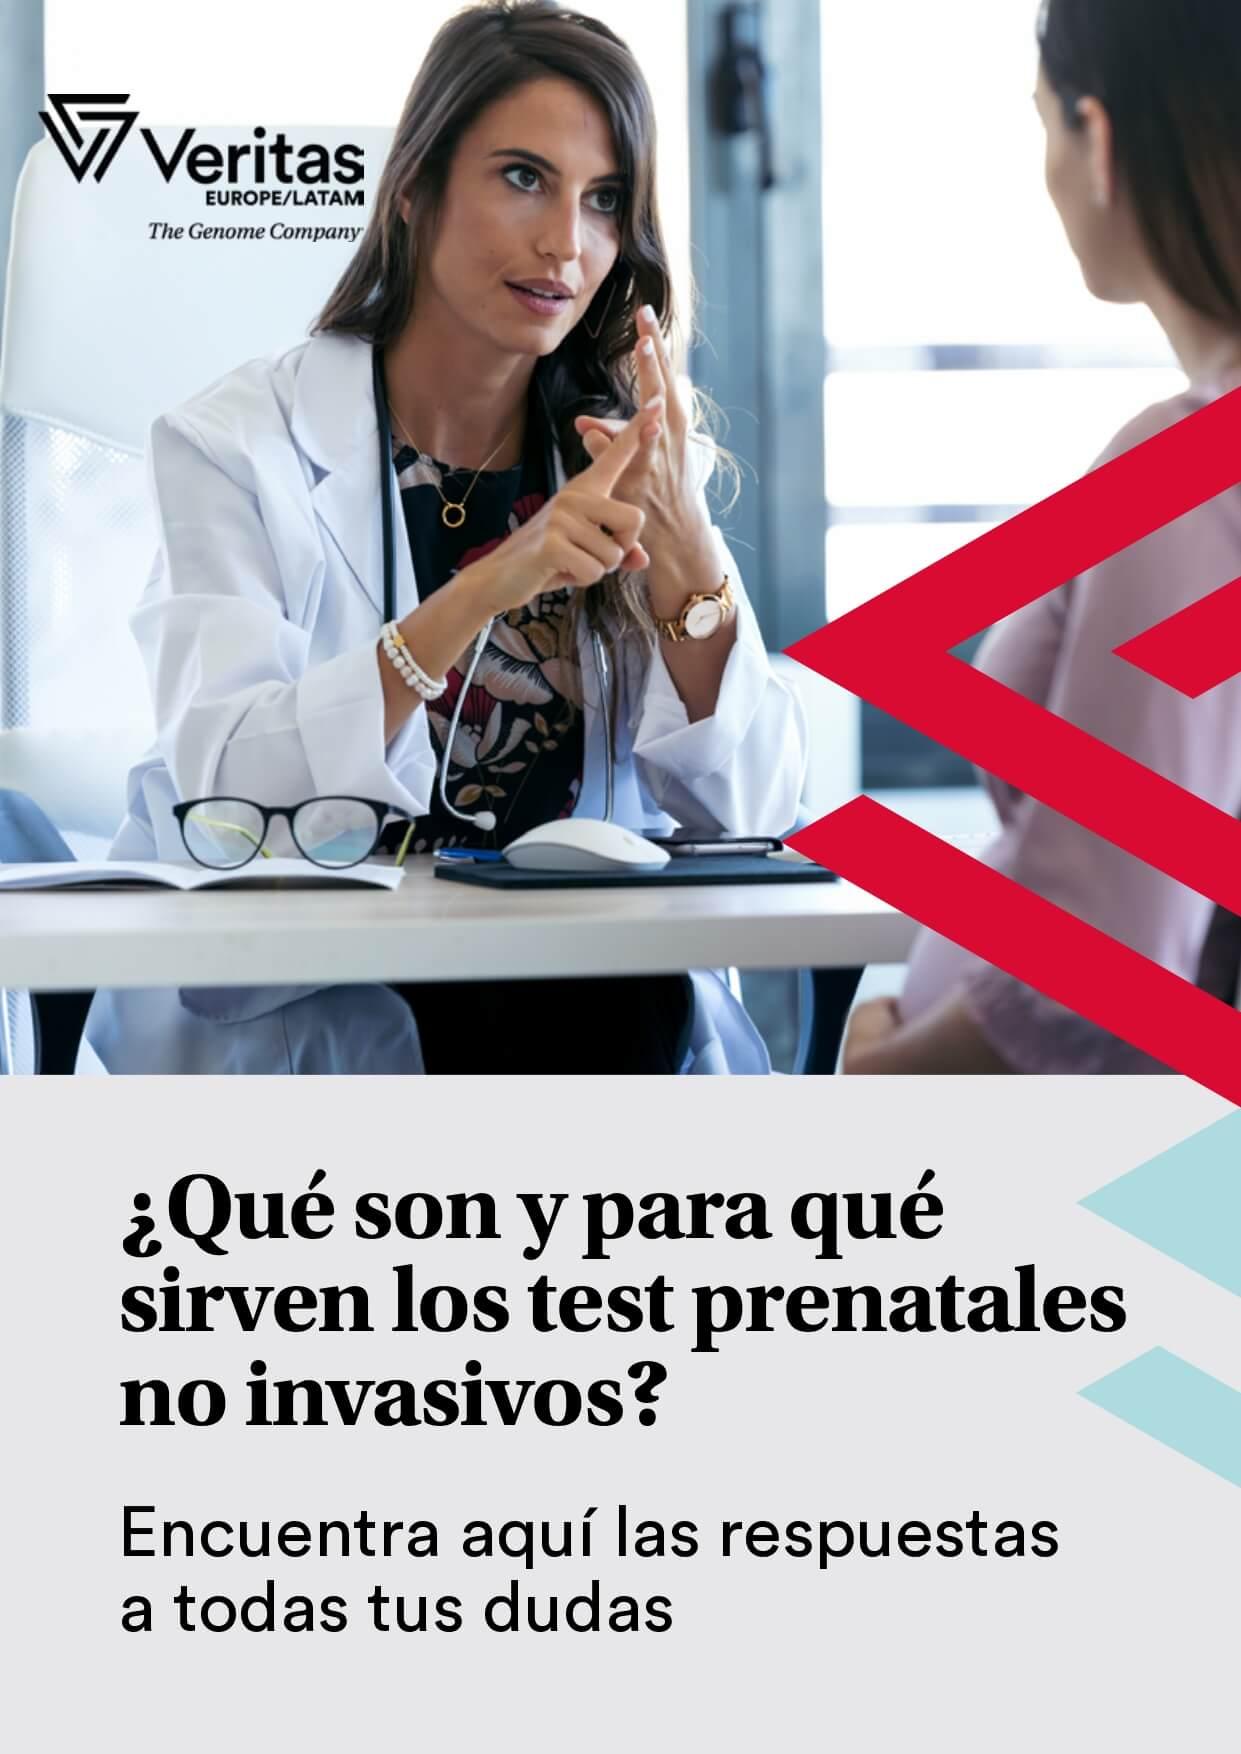 ¿Qué son y para qué sirven los test prenatales no invasivos?